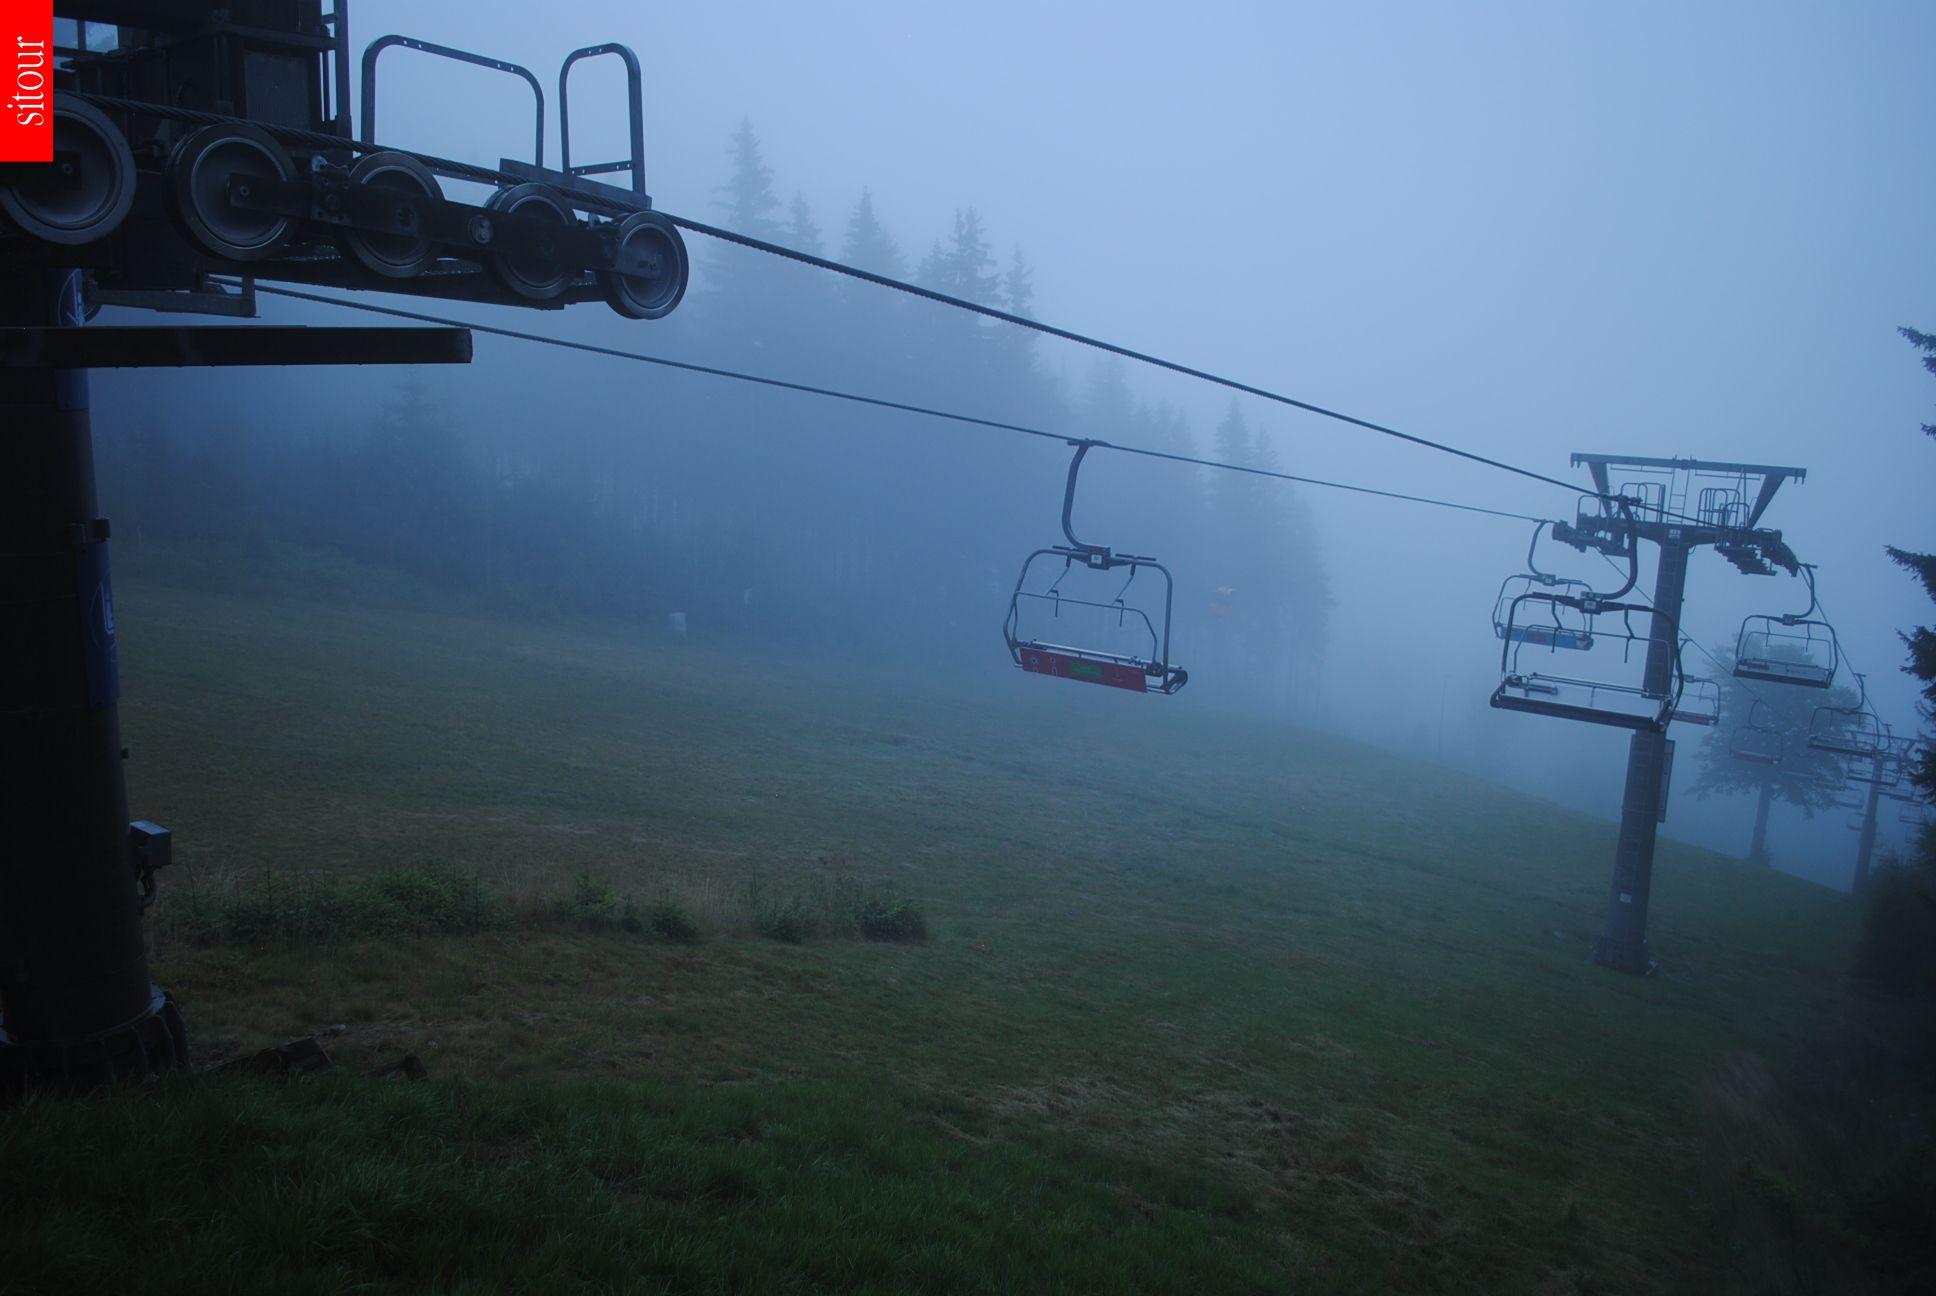 Webcam Ski Resort Janske Lazne Sessellift - Giant Mountains